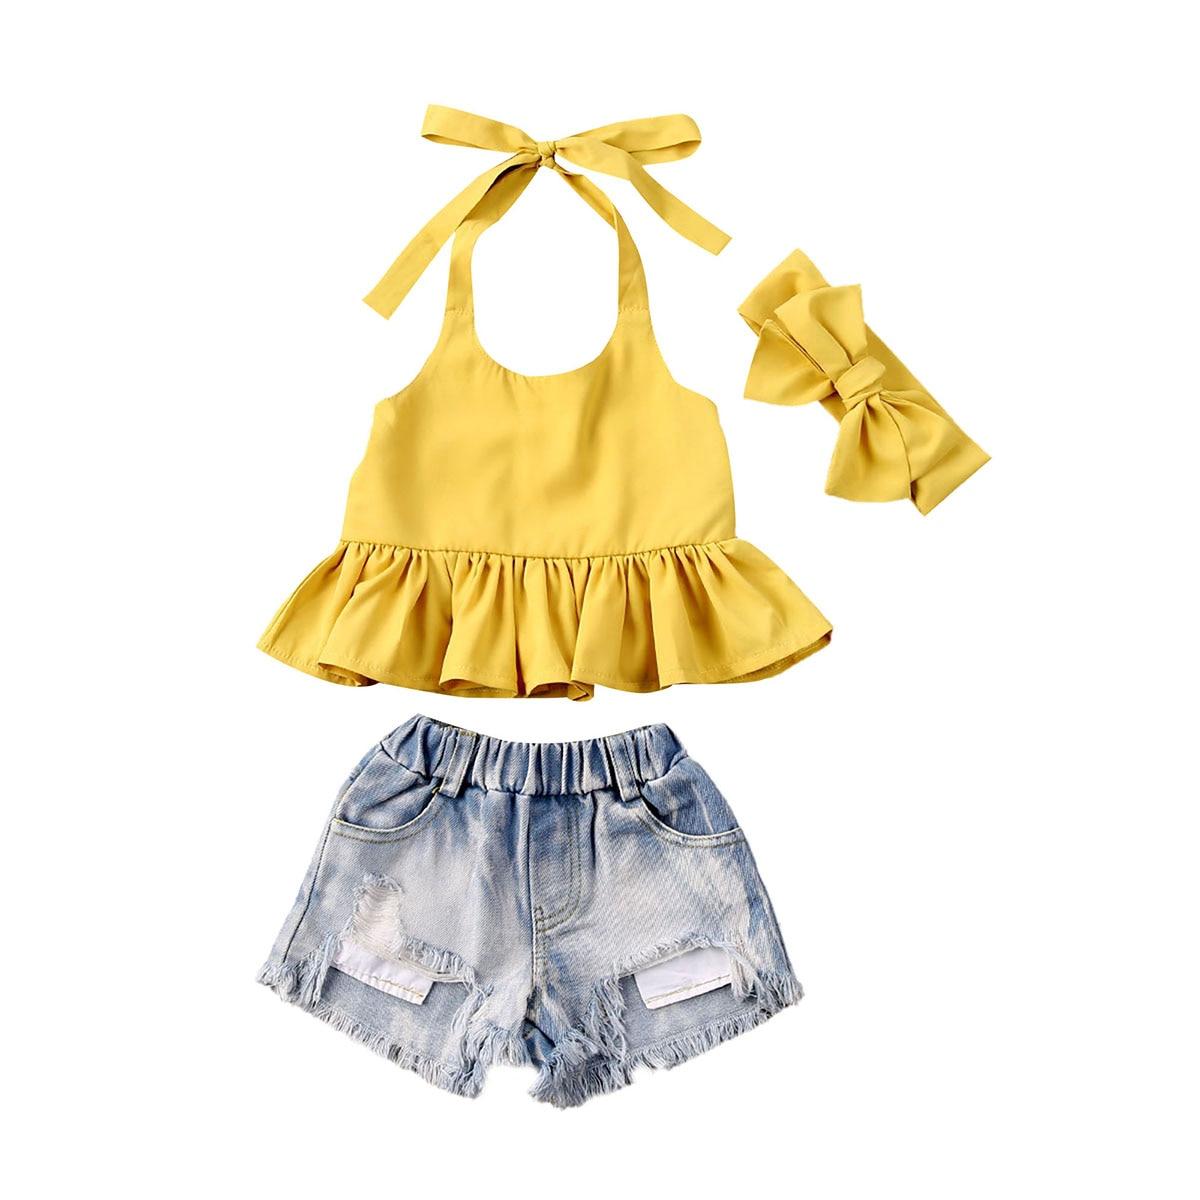 2-6years criança roupas da menina do bebê sem mangas vestido cabresto superior + denim shorts bandana conjunto de roupa de verão